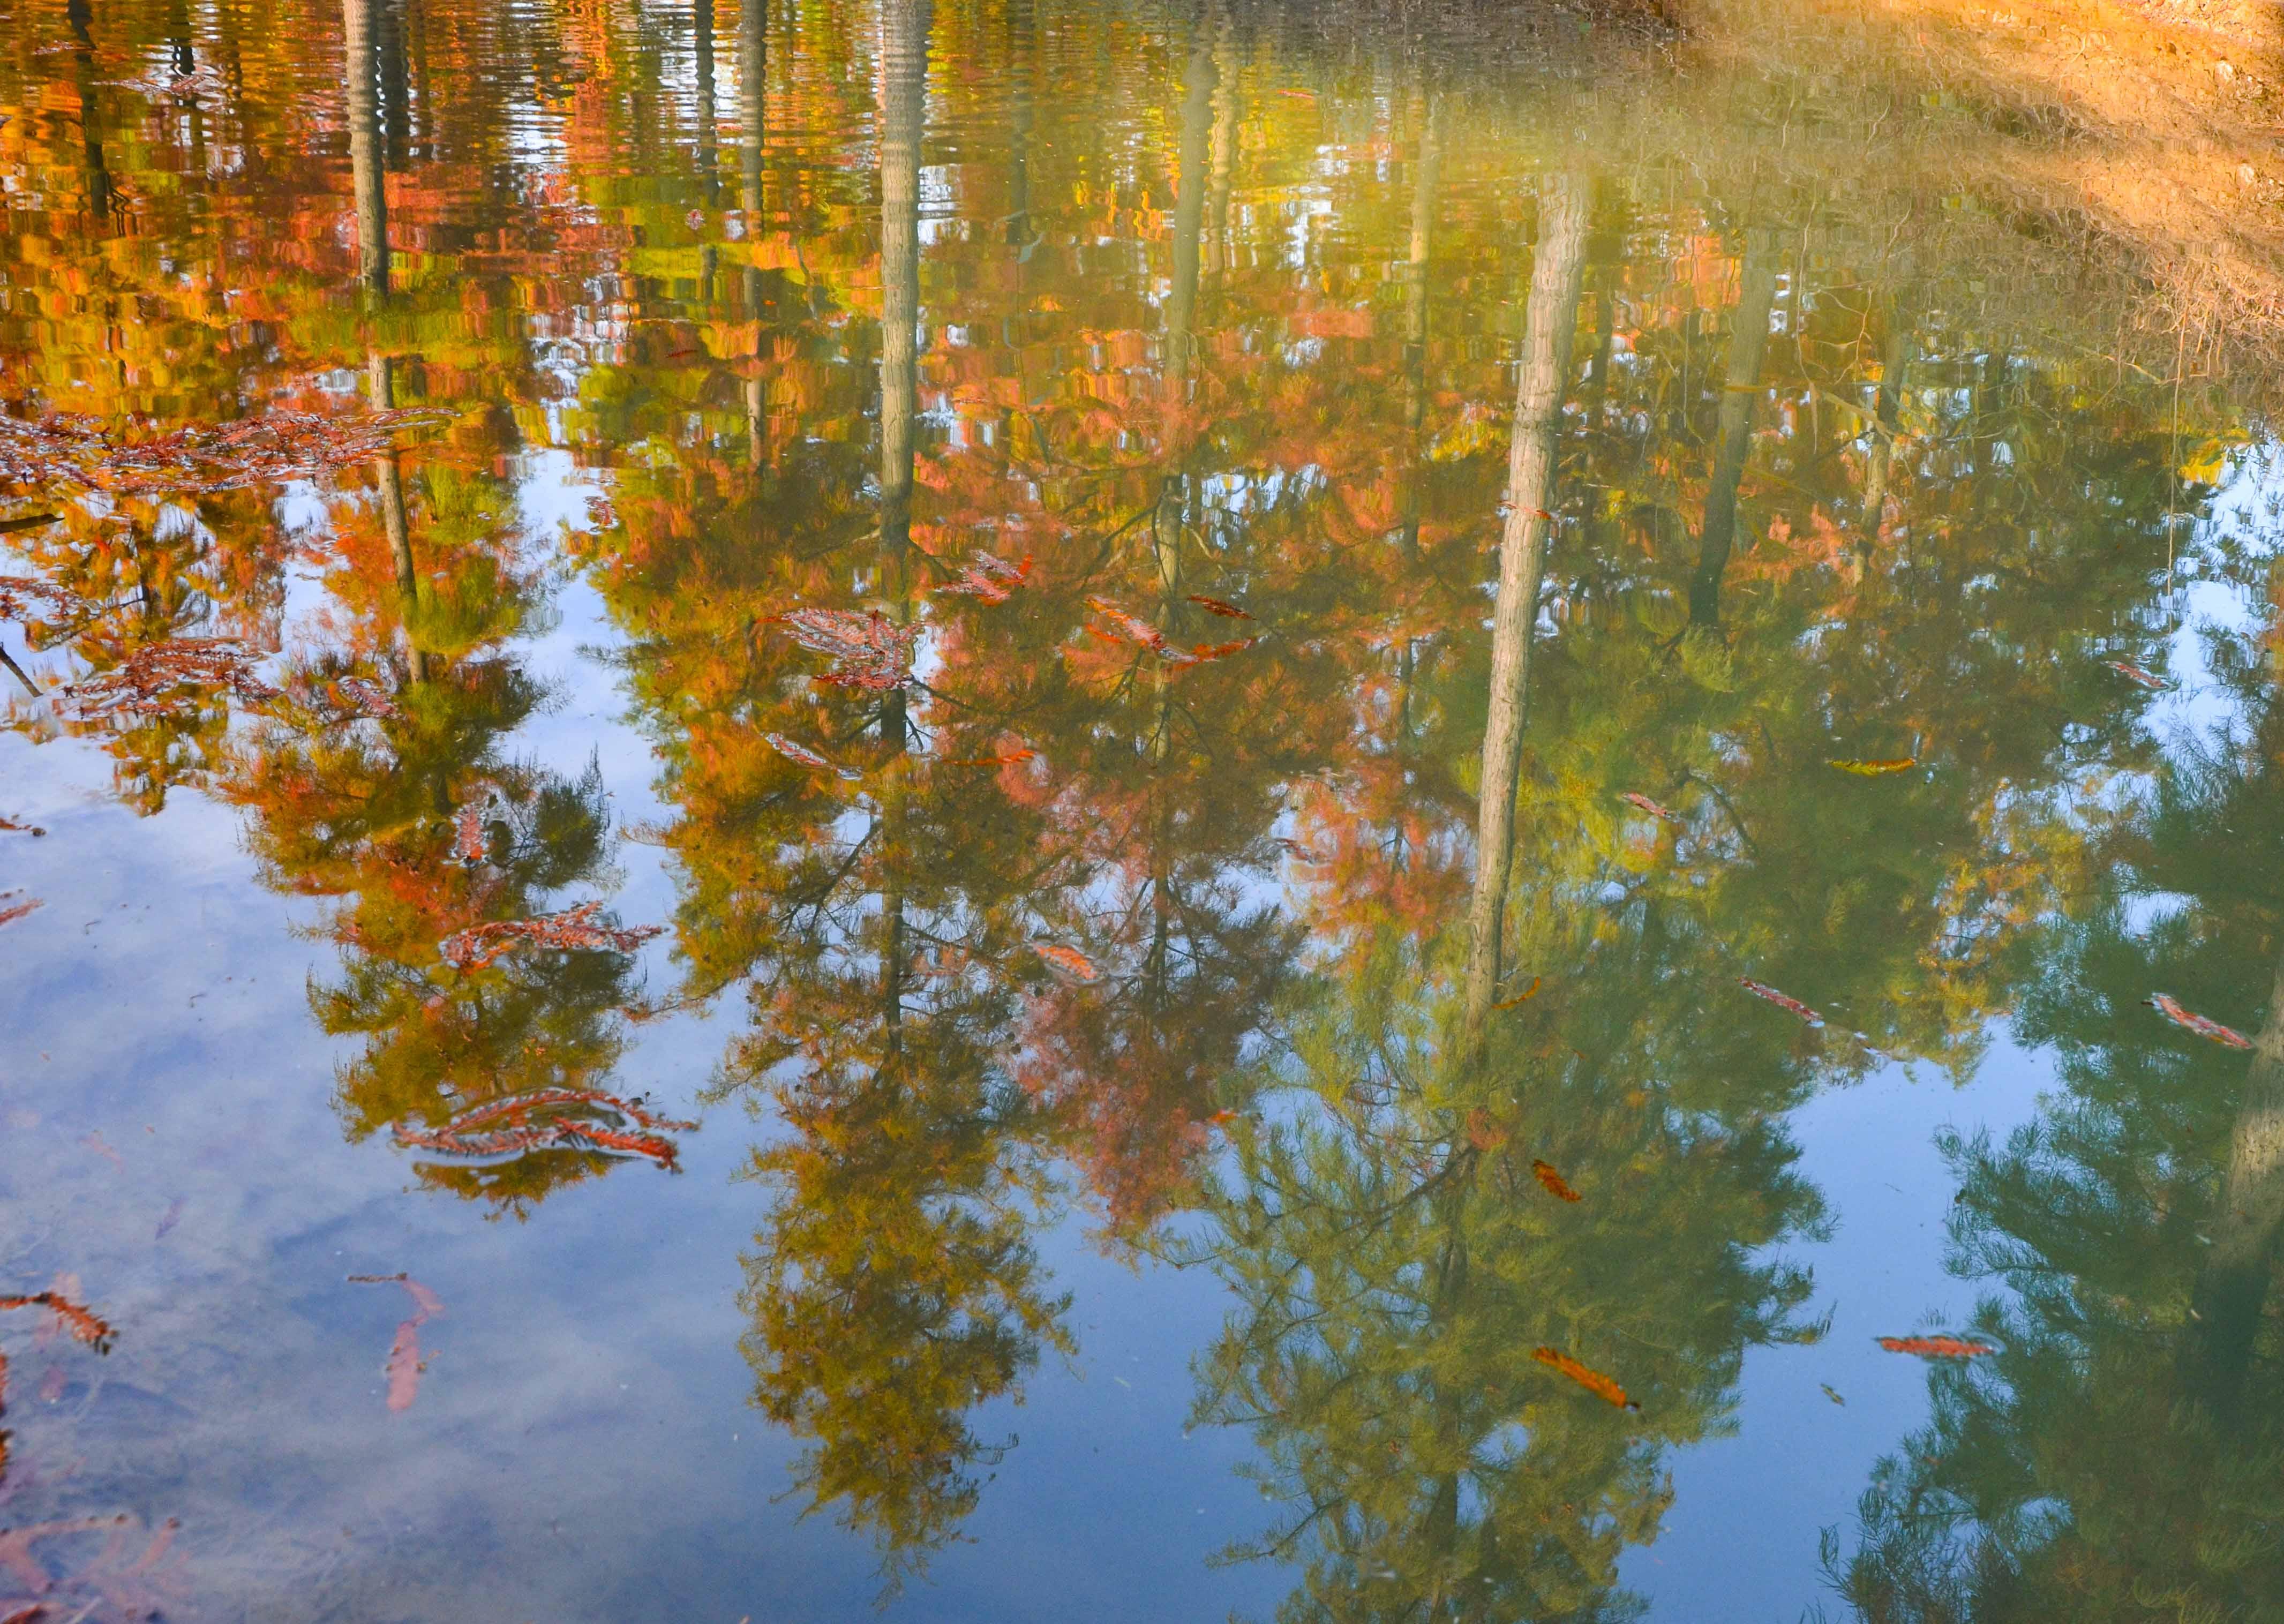 洪泽湖湿地的水杉林红了